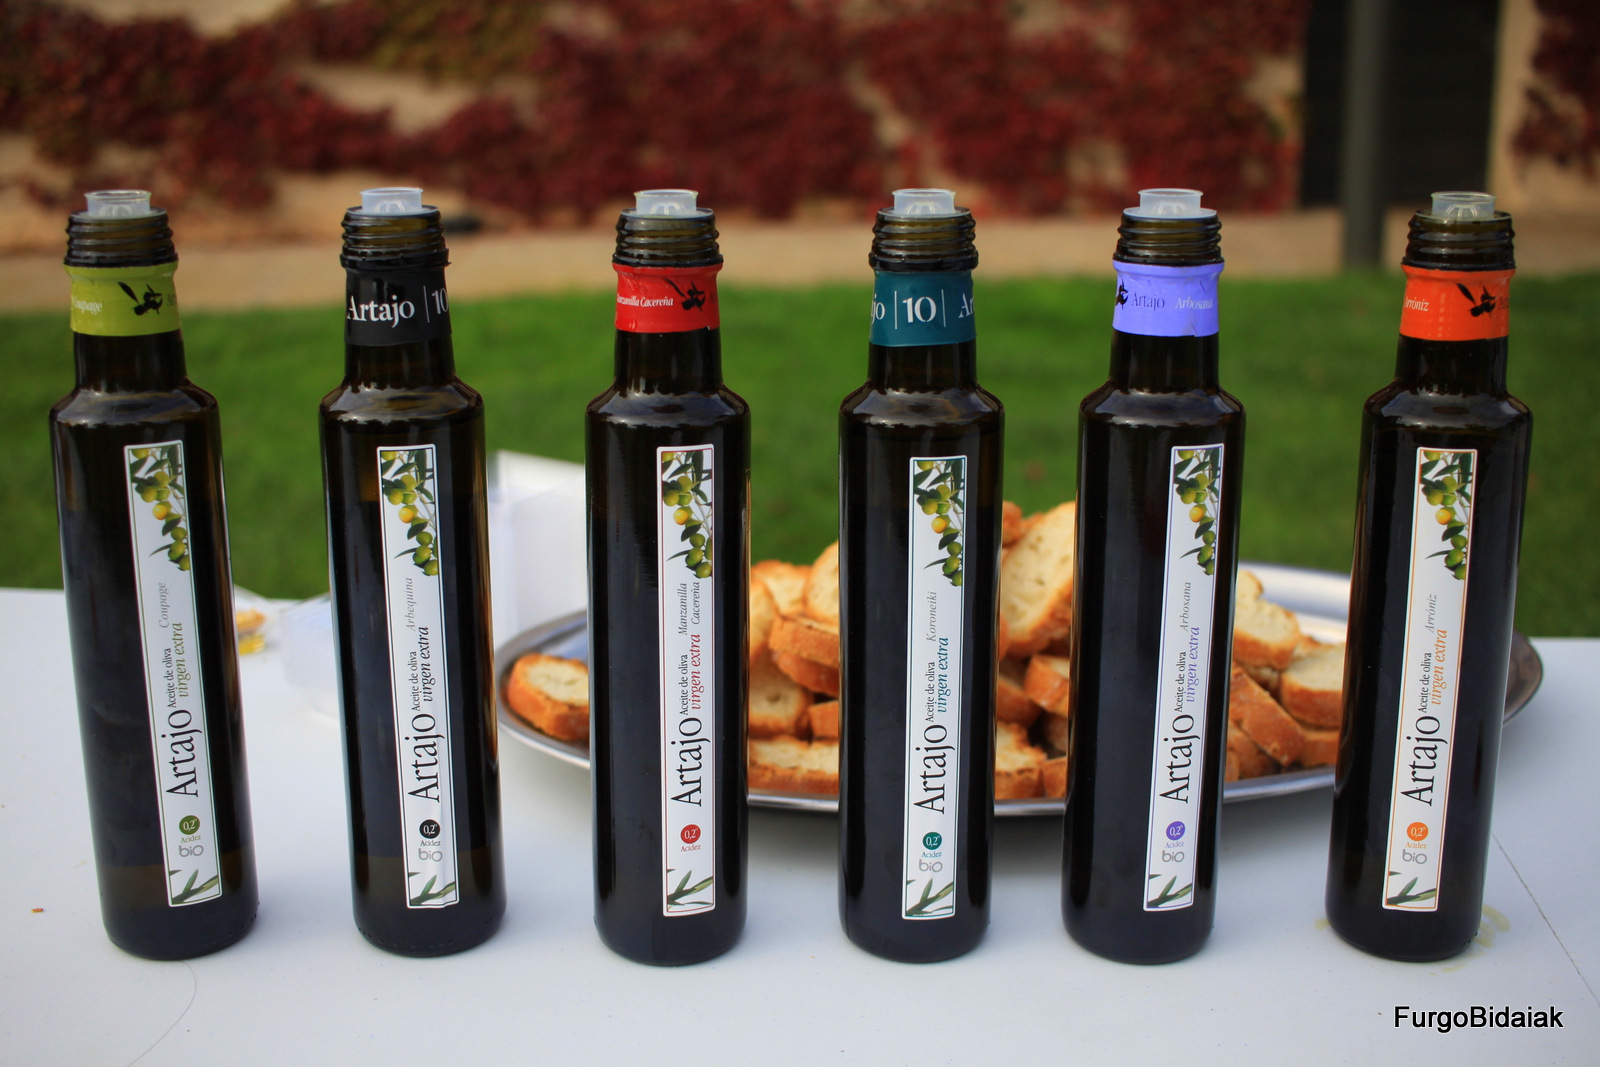 variedades de aceite Artajo, oleoturismo